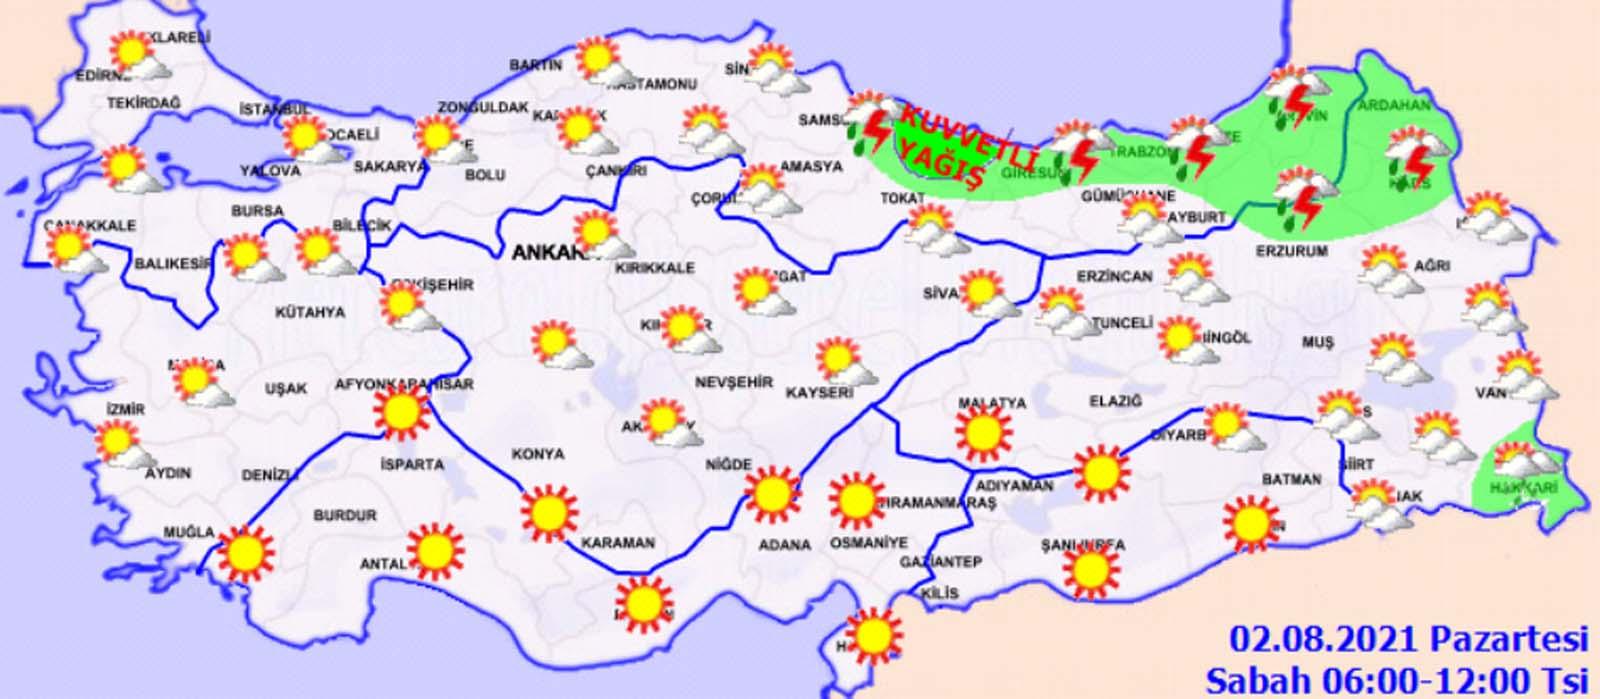 Meteoroloji Genel Müdürlüğü, su baskınlarına karşı uyardı! İşte 2 Ağustos Pazartesi hava durumu...